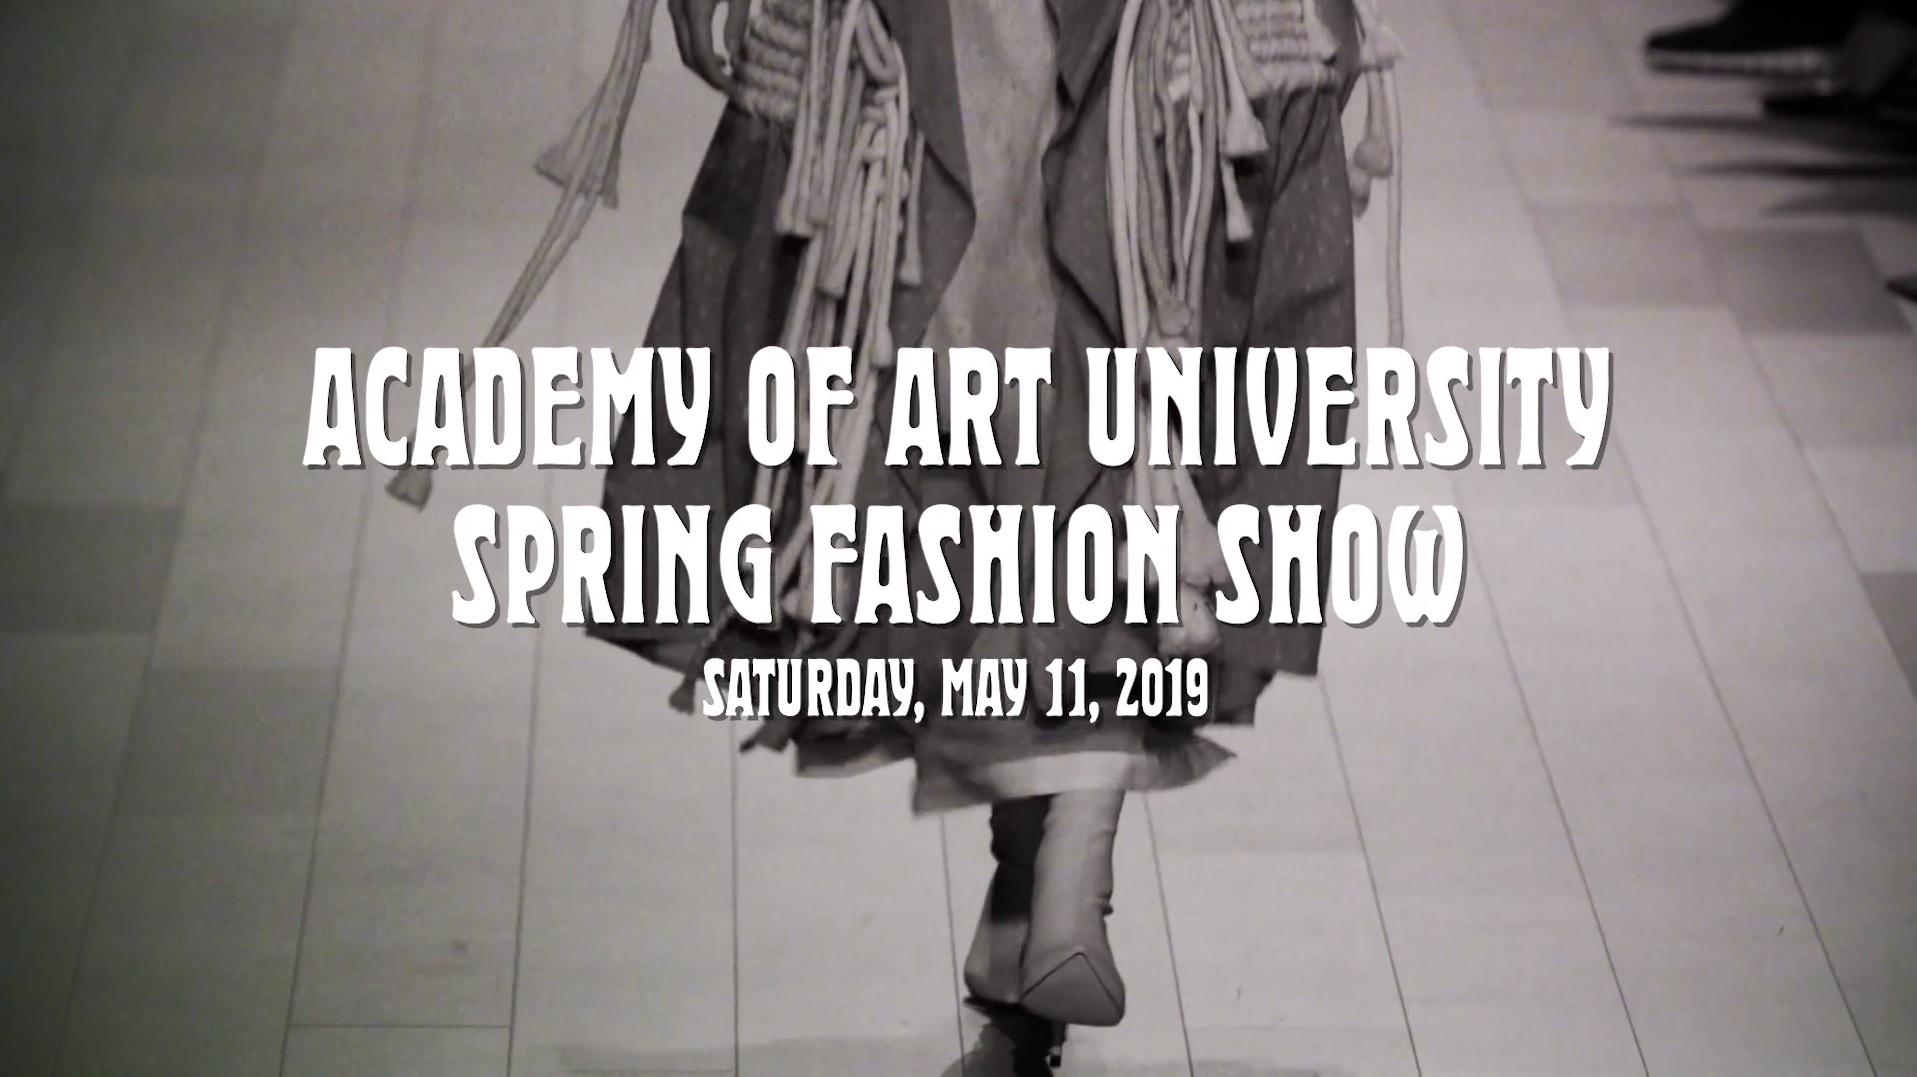 Academy Fashion School Presents Graduation Fashion Show